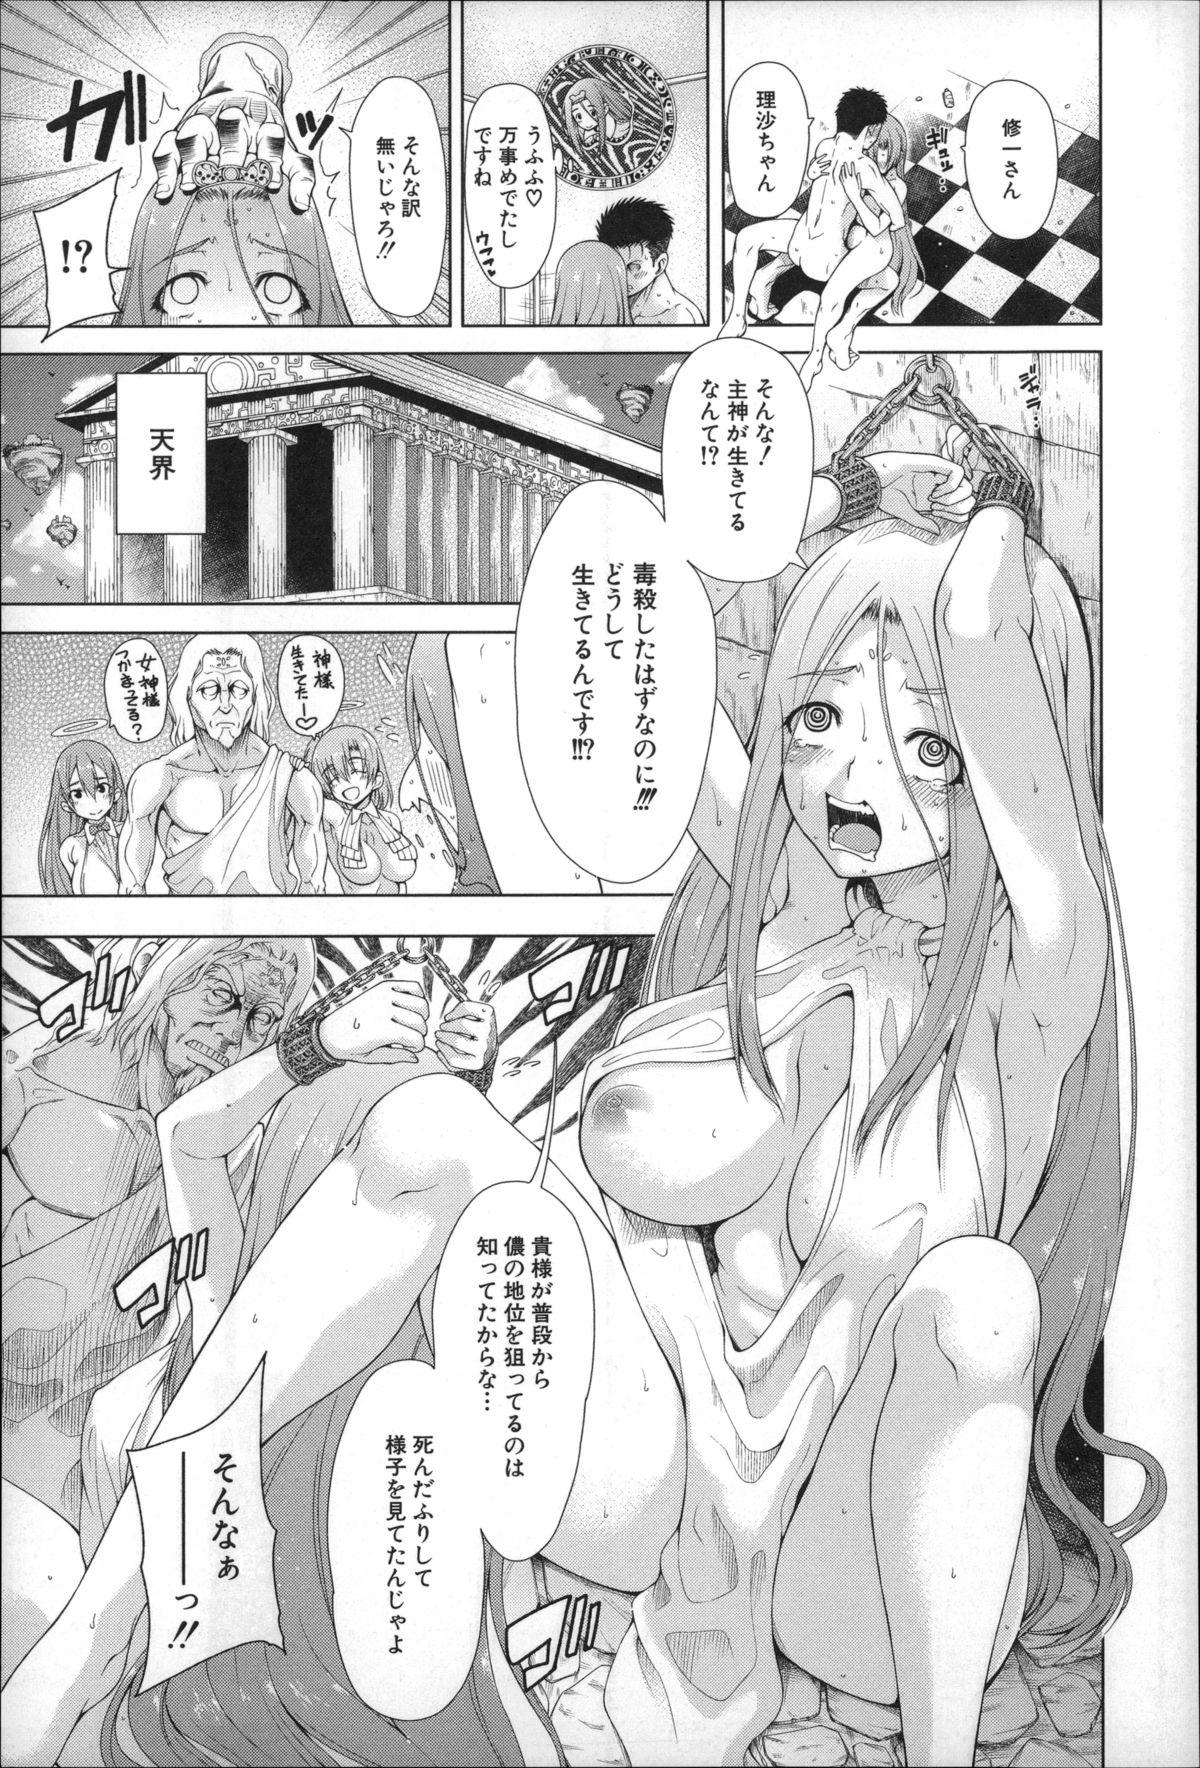 Migite ga Bishoujo ni Natta kara Sex Shita kedo Doutei dayone!! 193